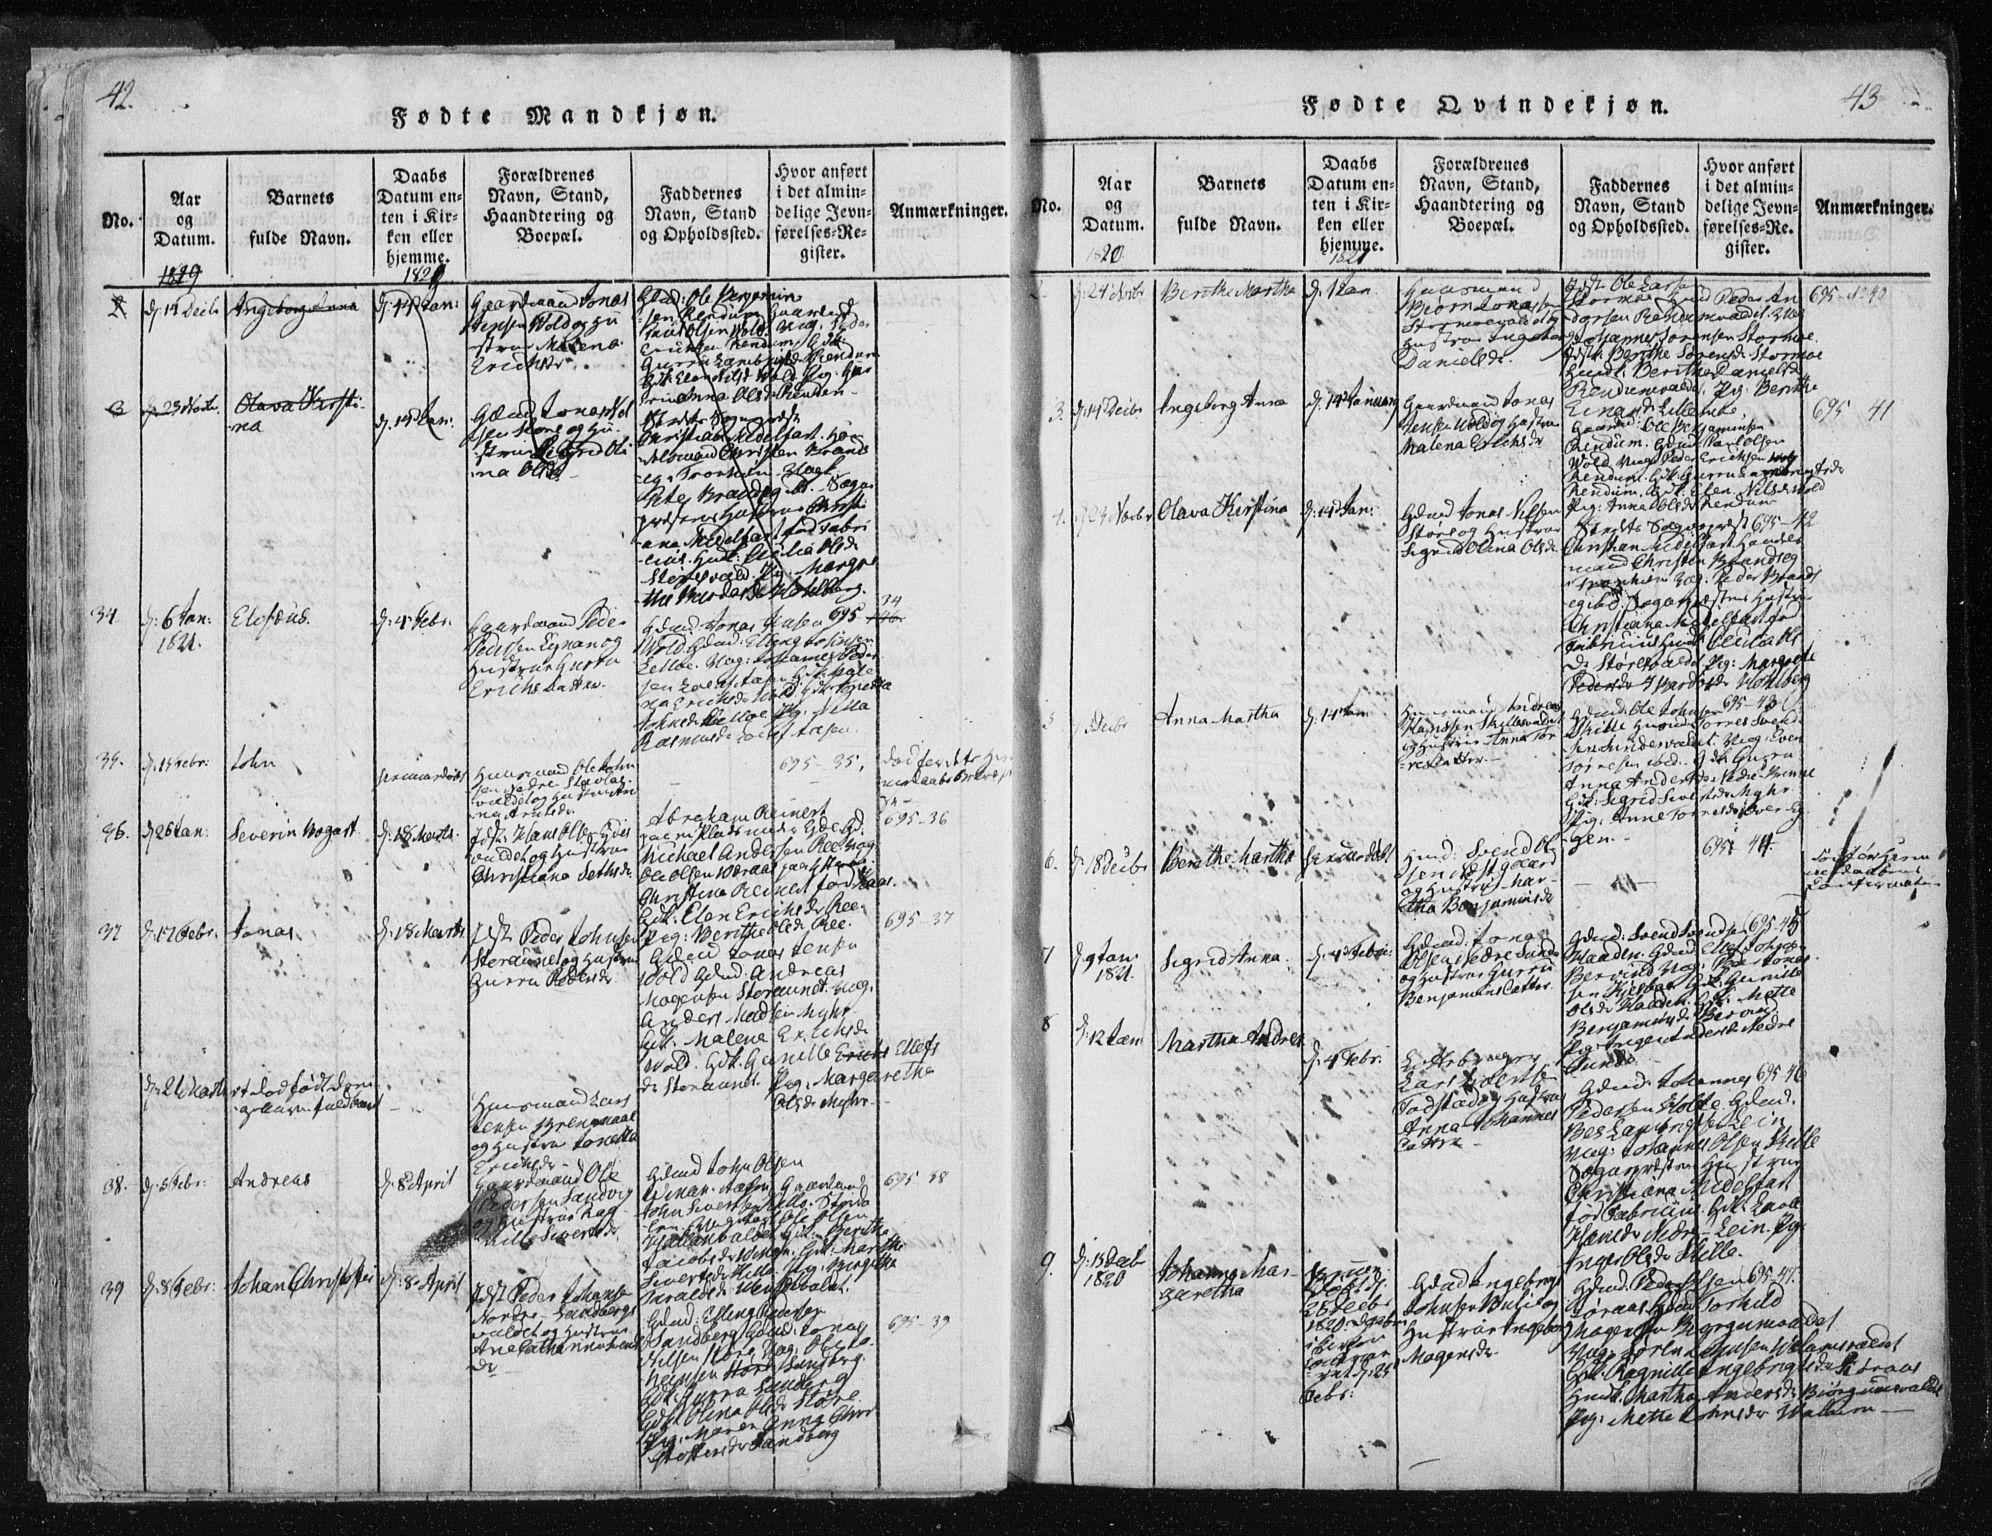 SAT, Ministerialprotokoller, klokkerbøker og fødselsregistre - Nord-Trøndelag, 717/L0148: Ministerialbok nr. 717A04 /1, 1816-1825, s. 42-43